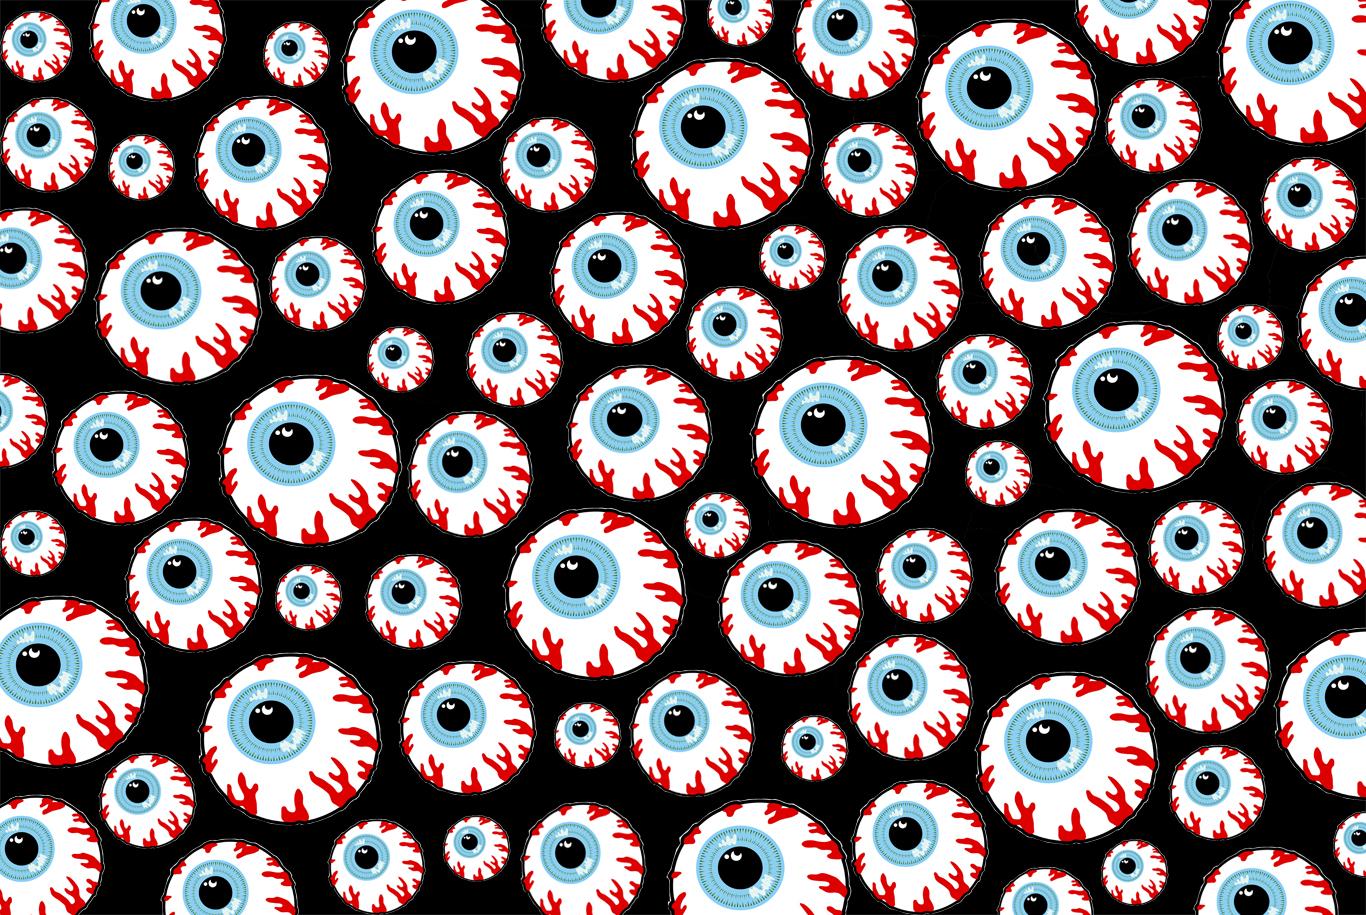 Best 48 Mishka Wallpaper on HipWallpaper Mishka Wallpaper 1366x915